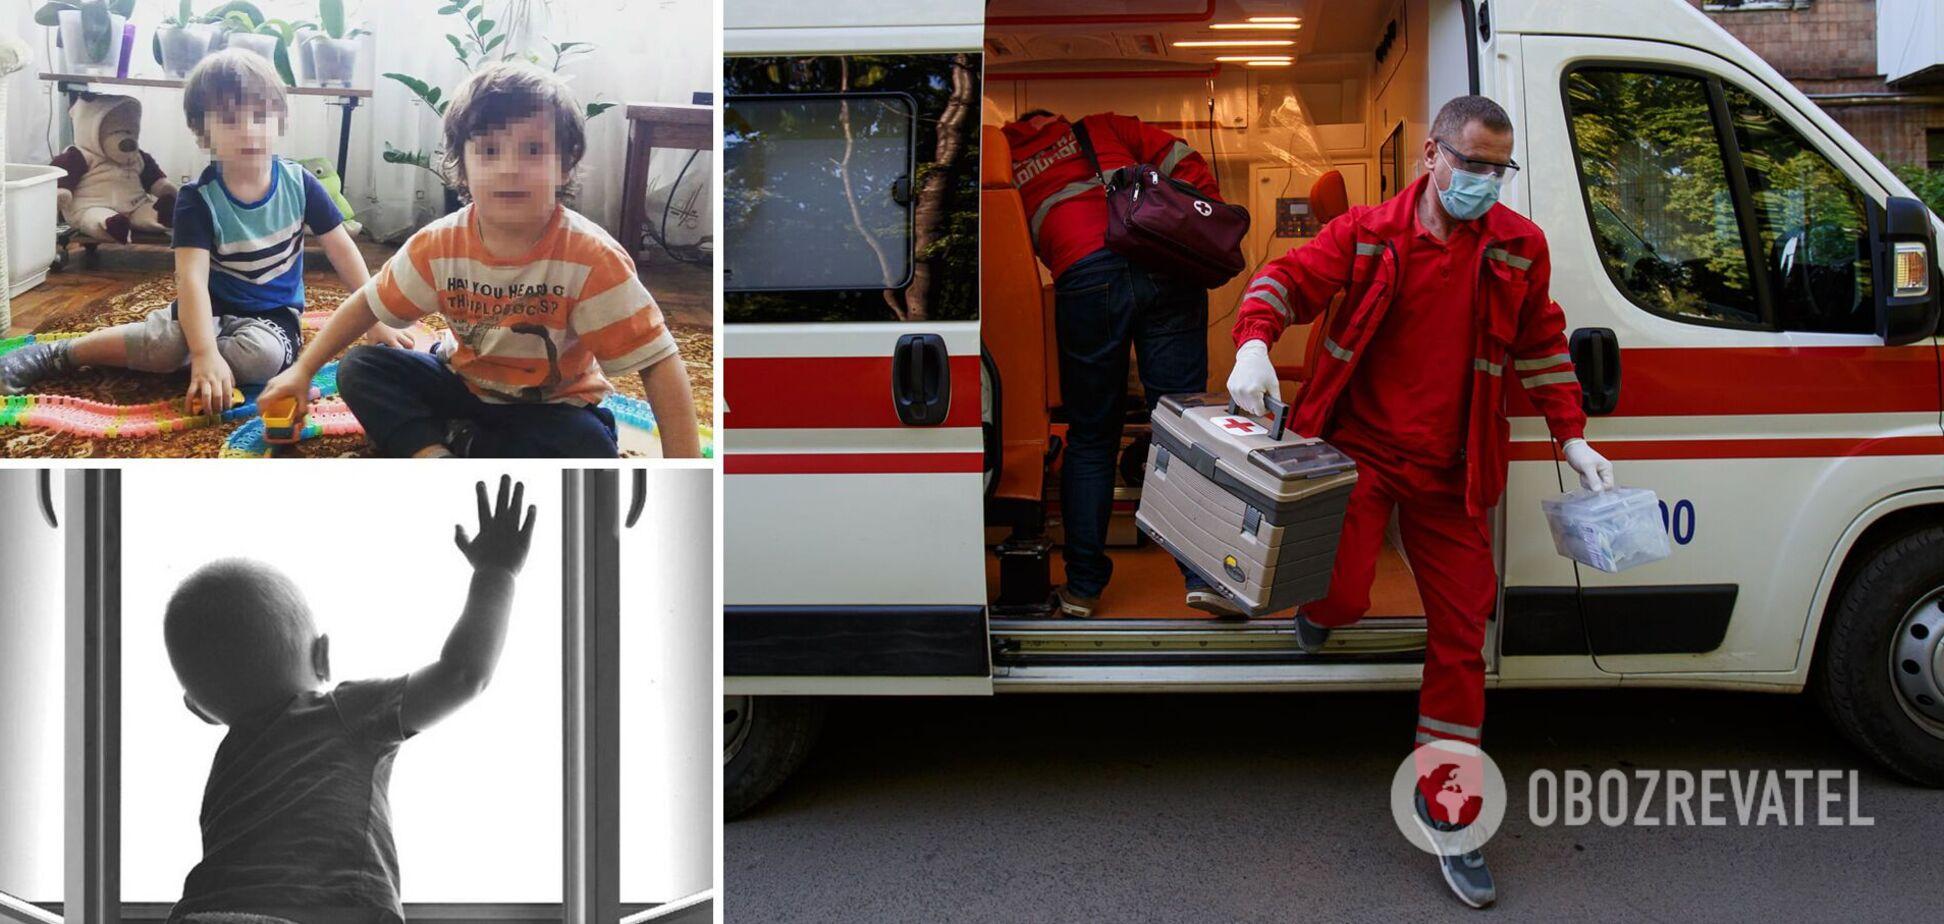 Ребенок выпал из окна, воспитательница забыла о нем: подробности ЧП в детском саду Запорожья